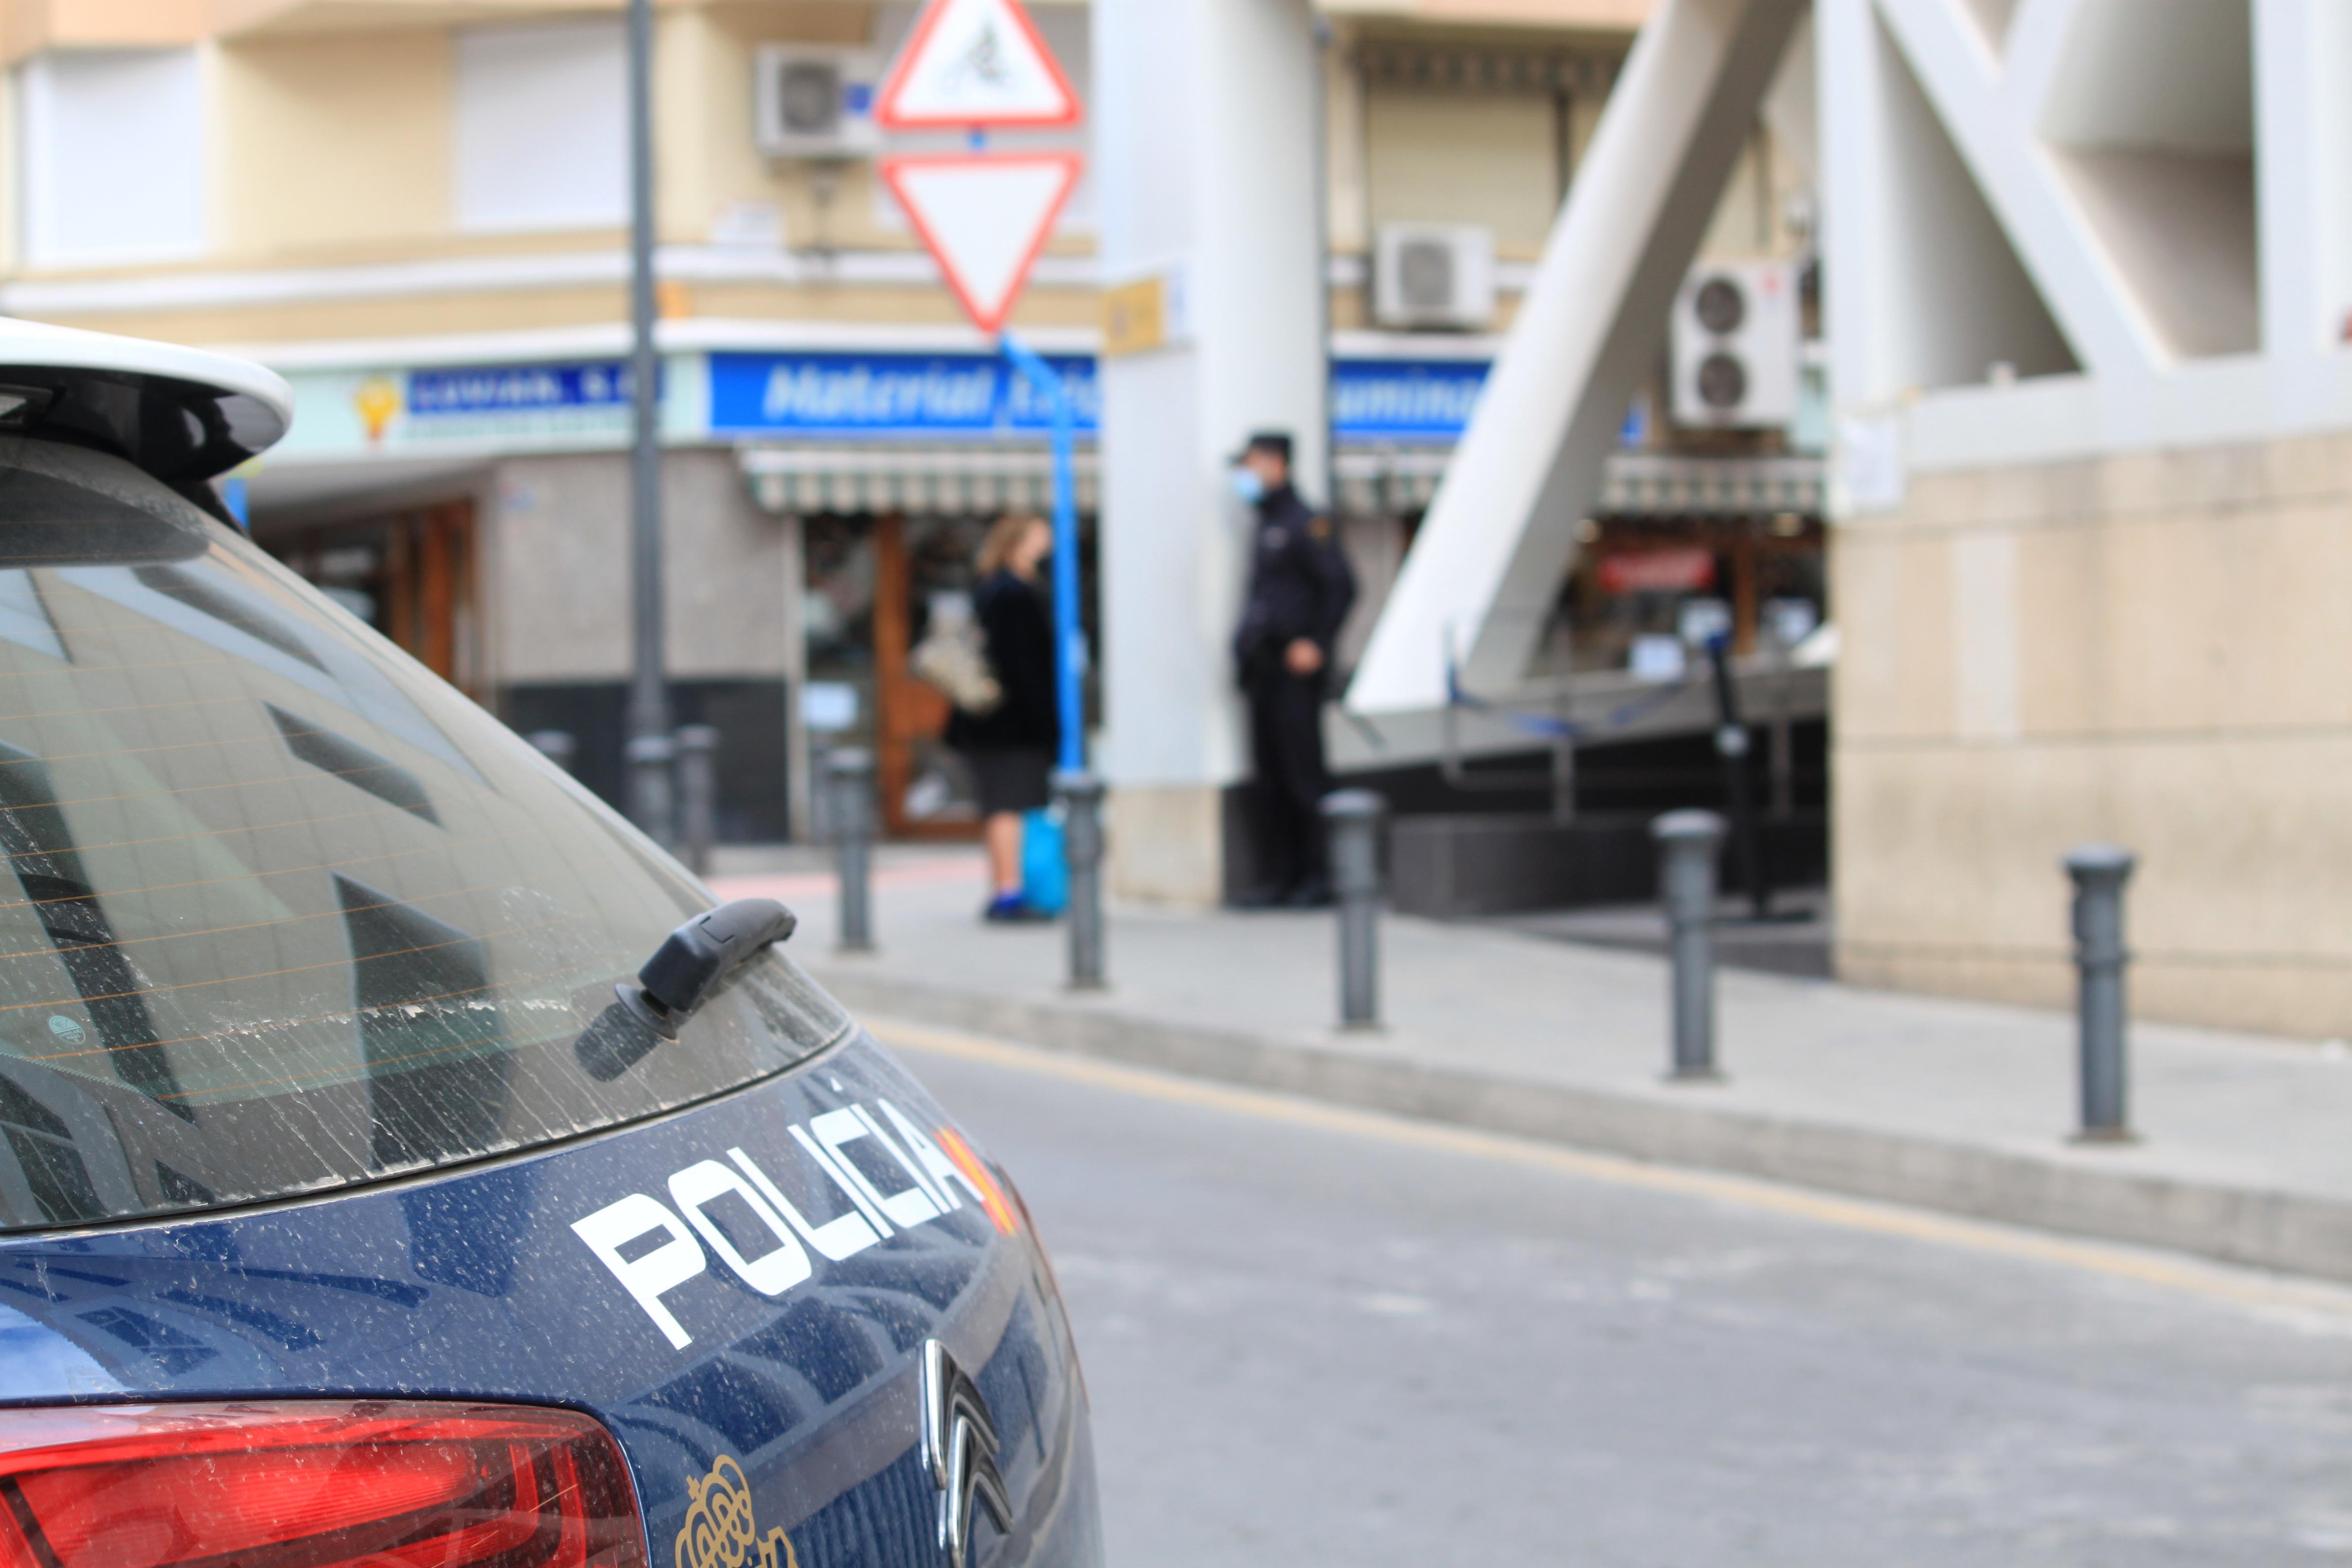 Detenido en Alicante un prófugo de la justicia italiana por delitos de extorsión y chantaje